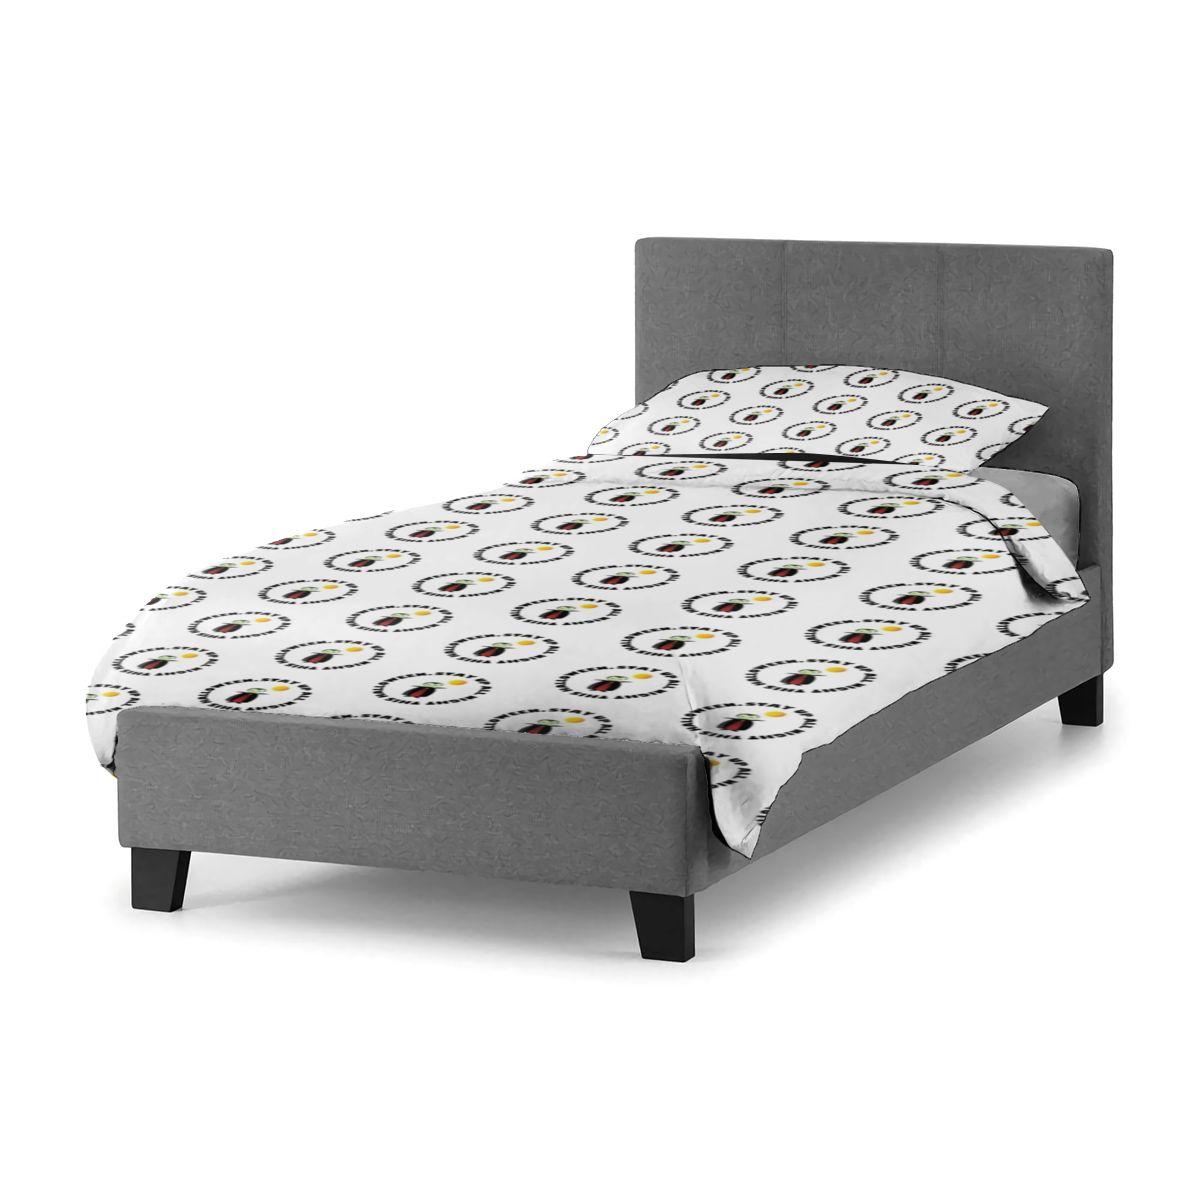 Dracula طقم سرير لينة أغطية سرير غرفة نوم غطاء الكبار بيع ورقة مجموعة